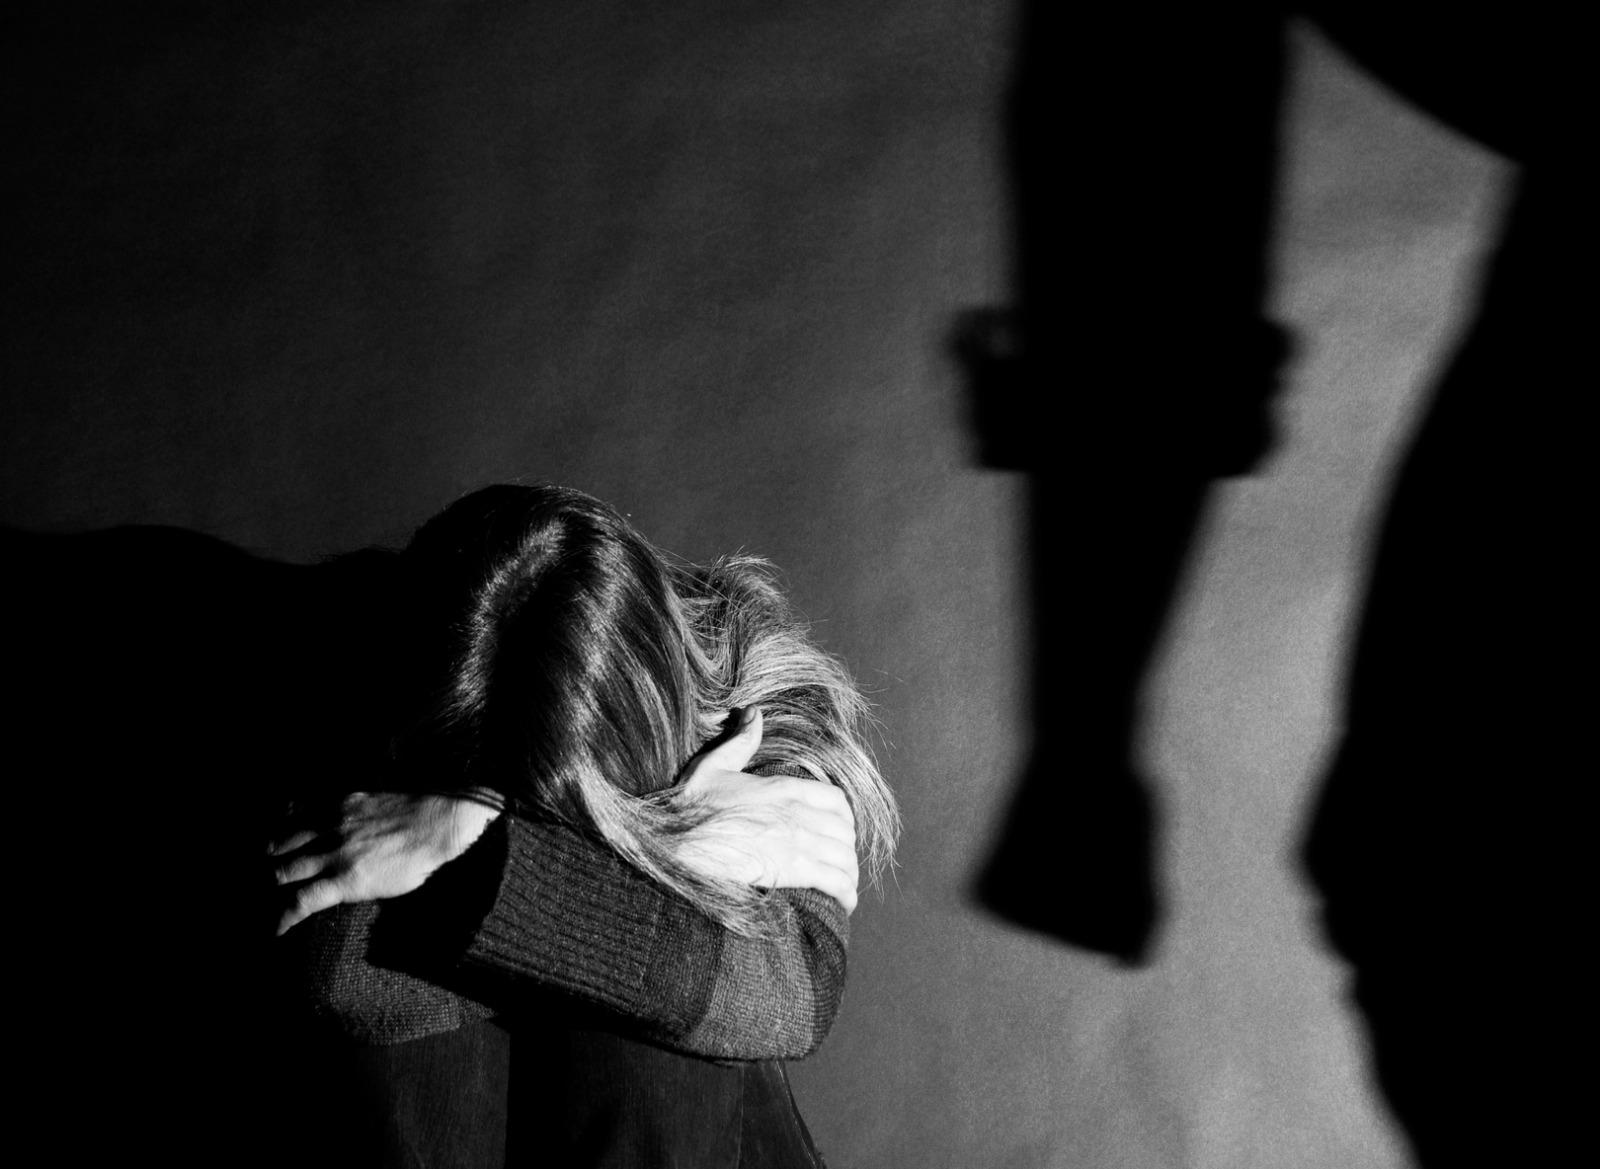 Femminicidio: i numeri sono da bollettino di guerra